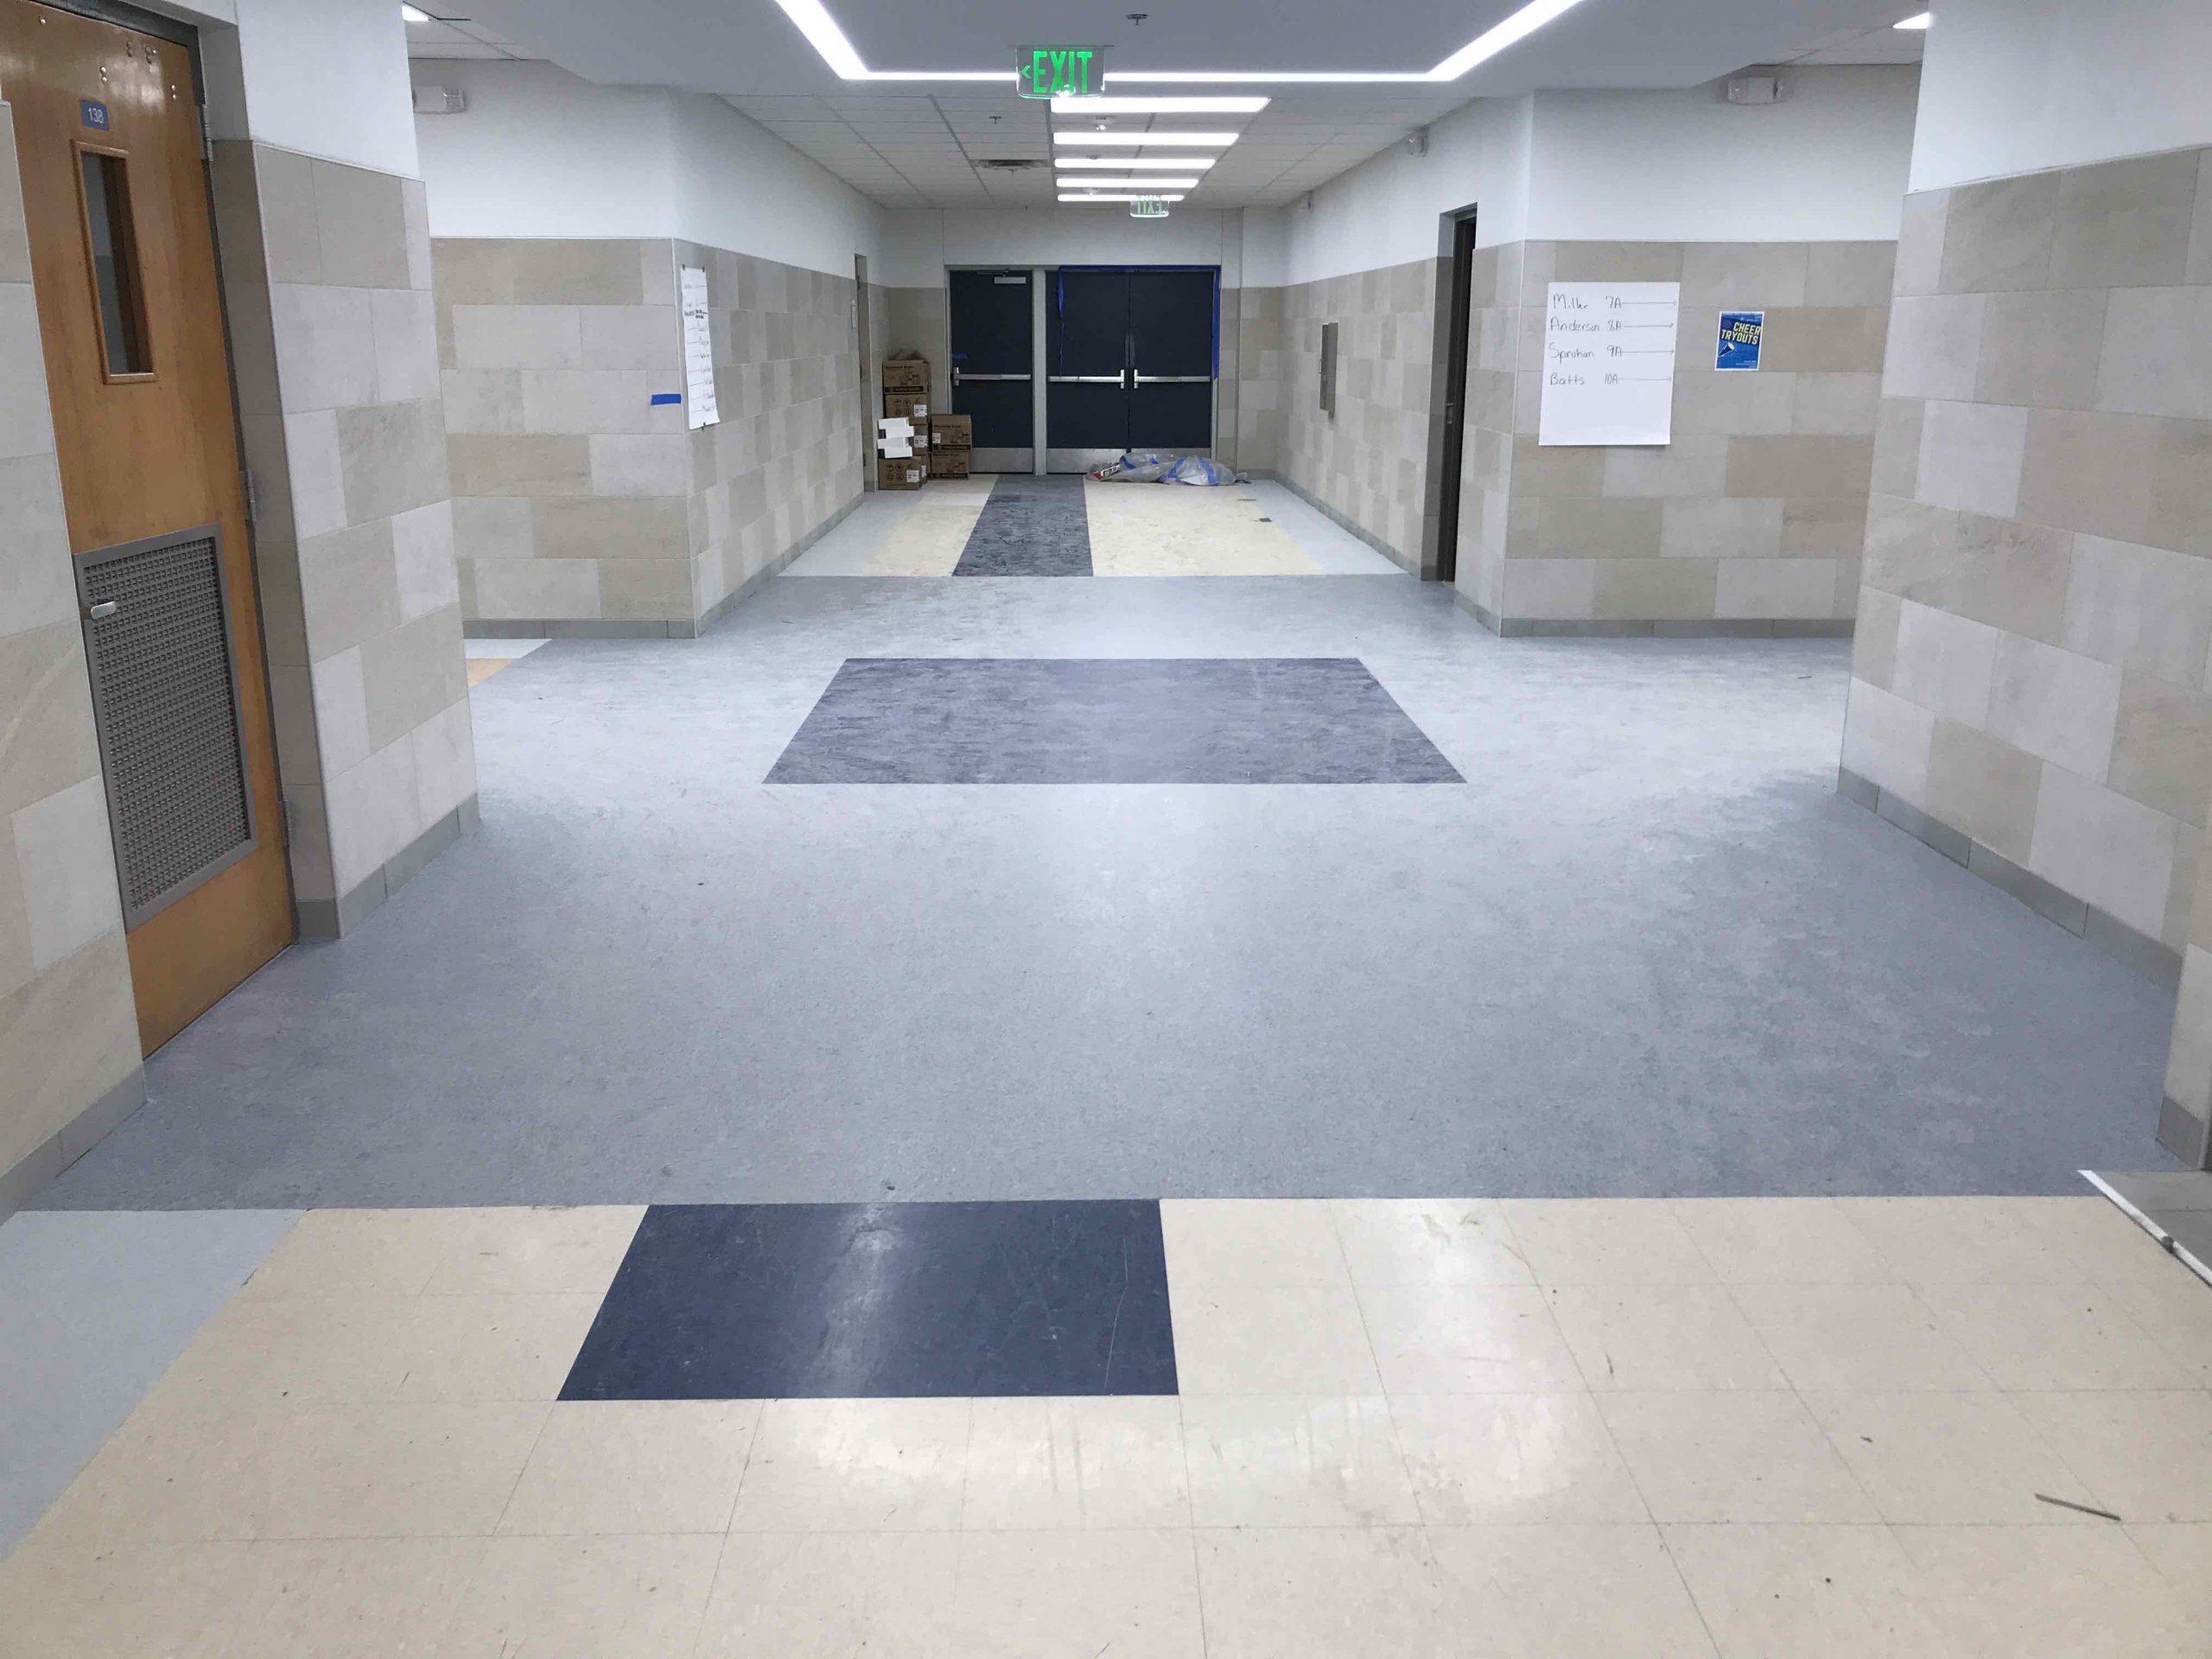 New Floor Alert! image 1